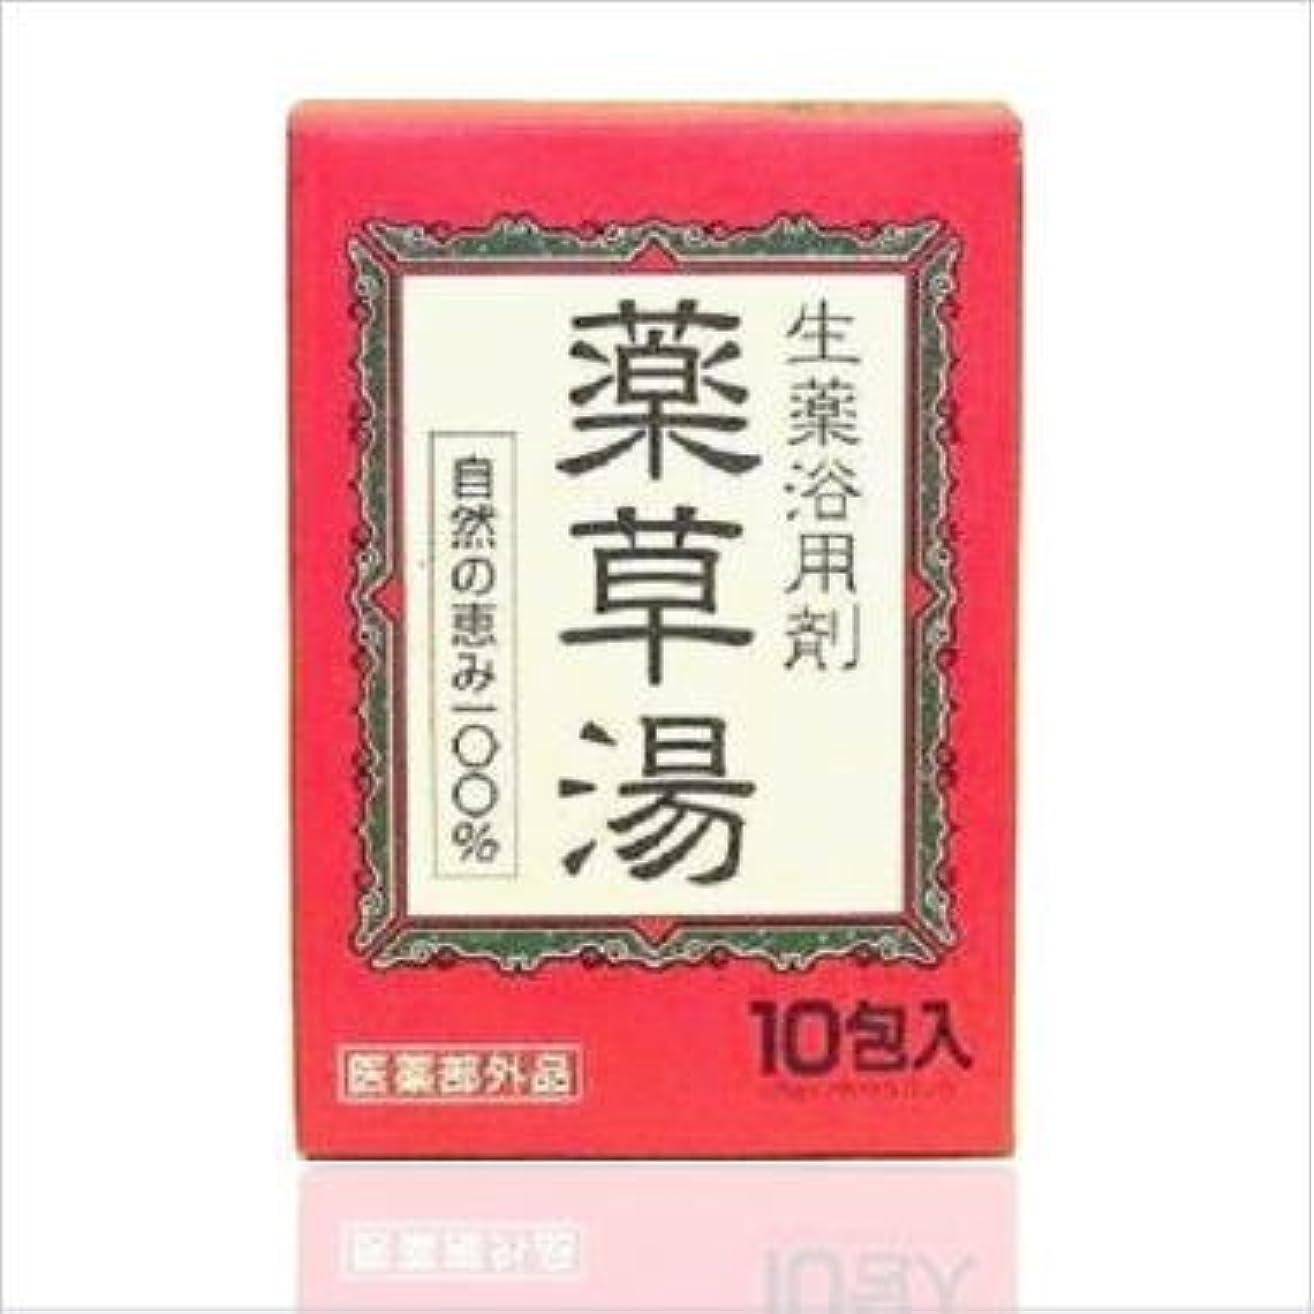 追記オンマインドライオンケミカル 生薬浴用剤 薬草湯 10包 x 24個セット